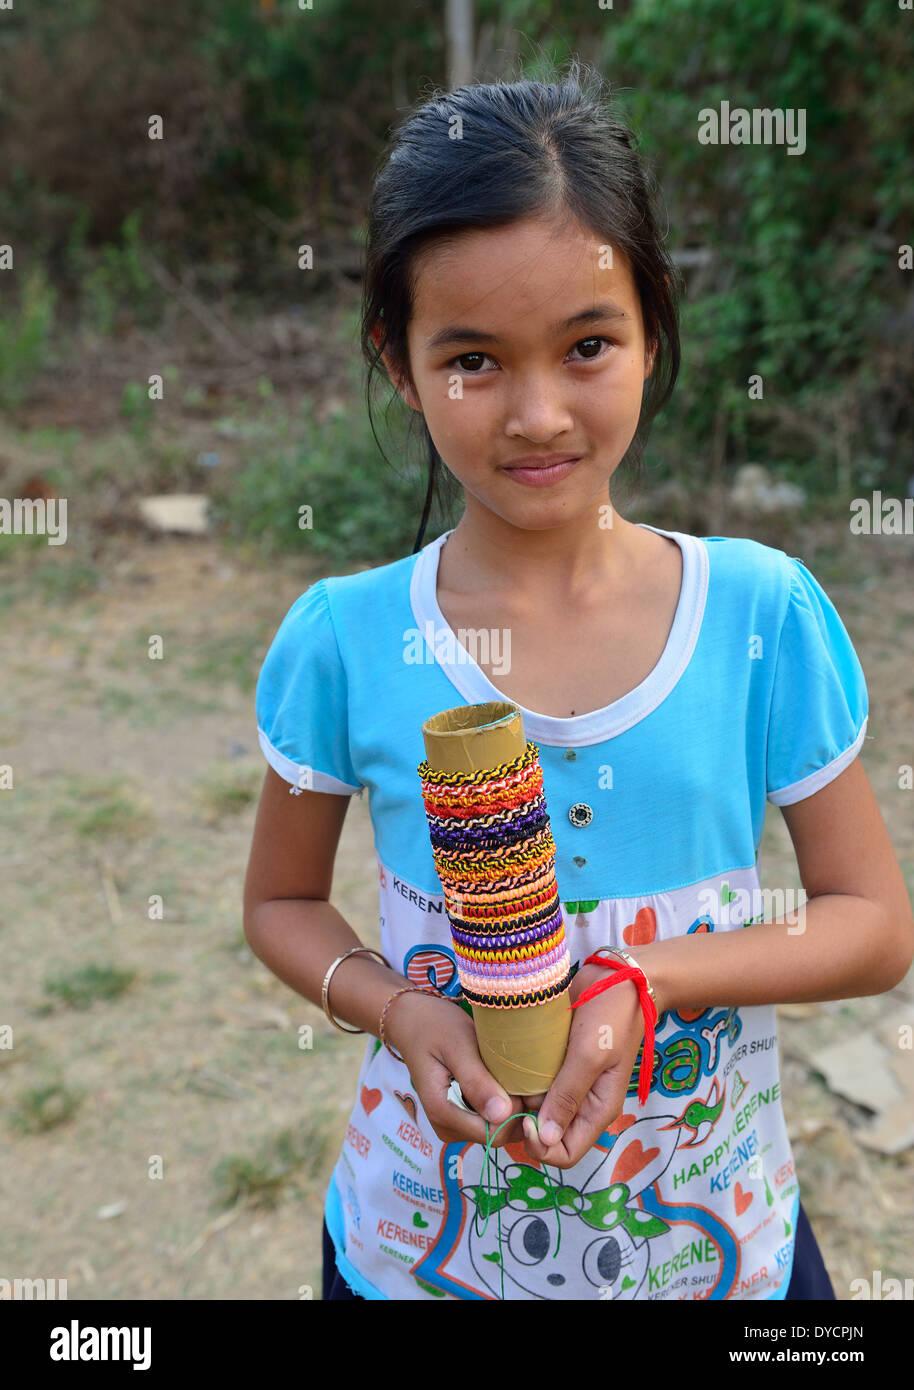 Jeune fille cambodgienne propose ses bracelets et bagues de l'herbe.bijoux pour la vente aux voyageurs des trains de bambou au village de VBL Sra O Photo Stock